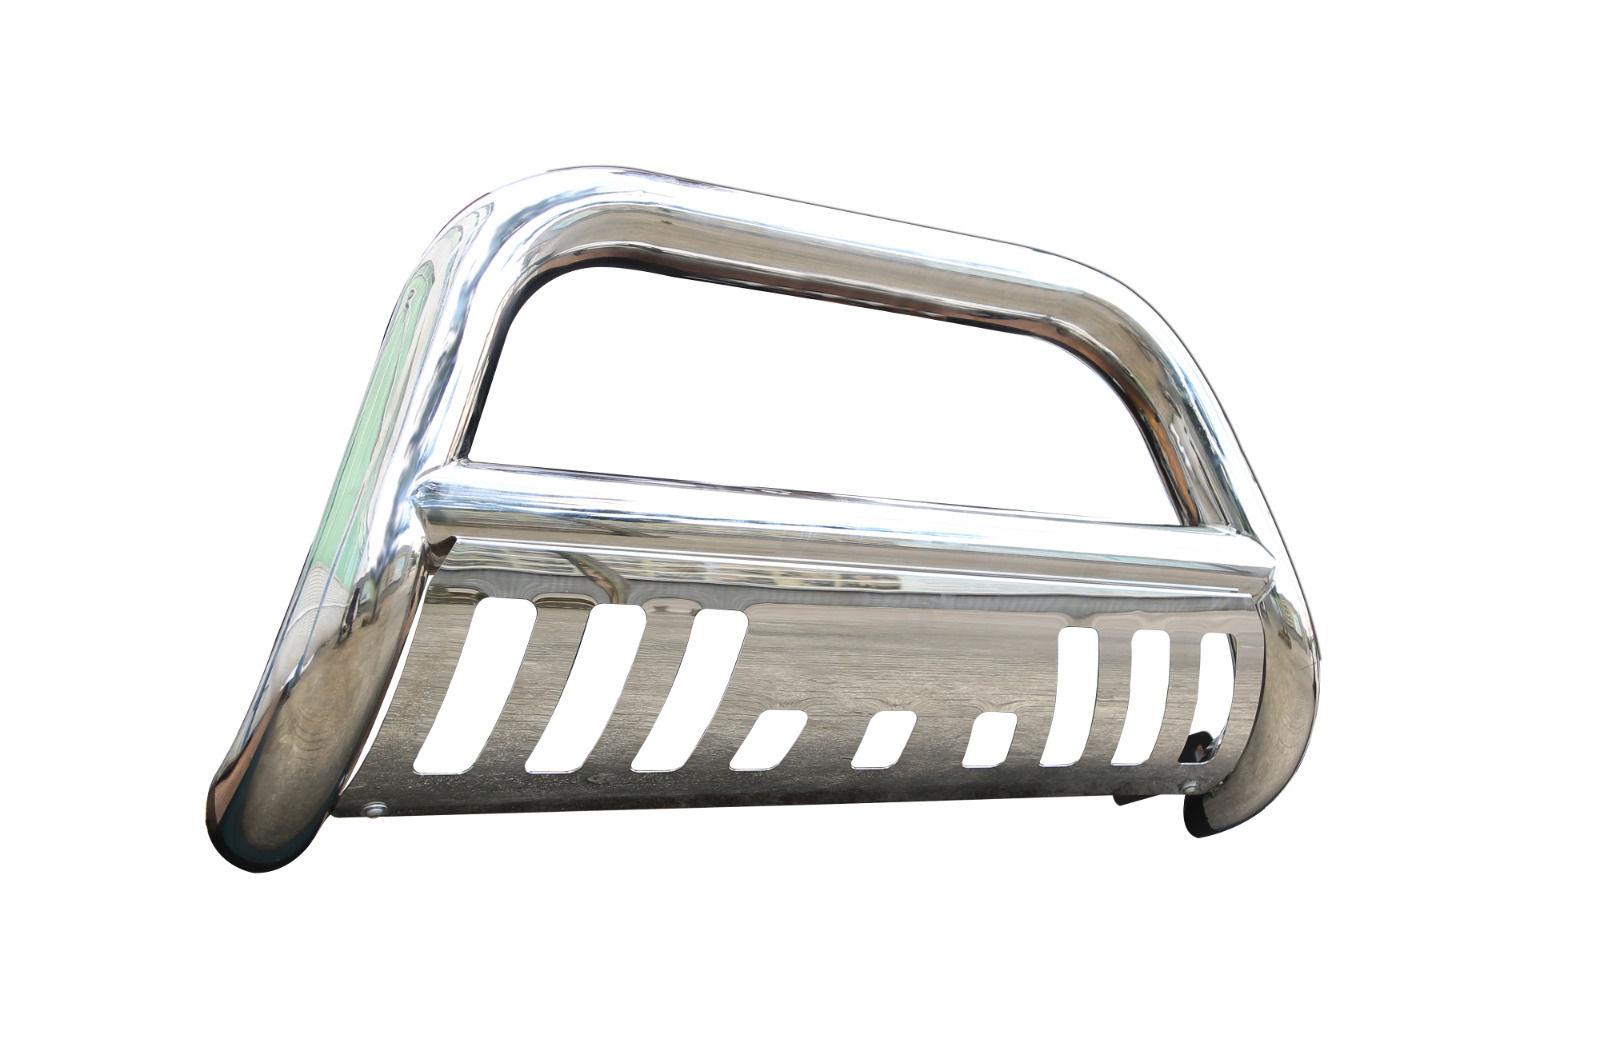 グリル 2007-2017 TOYOTA TUNDRA S / S用ブルバーグリルガードフロントバンパー/スキッドプレート For 2007-2017 TOYOTA TUNDRA S/S Bull Bar Grill Guard Front Bumper w/skid Plate